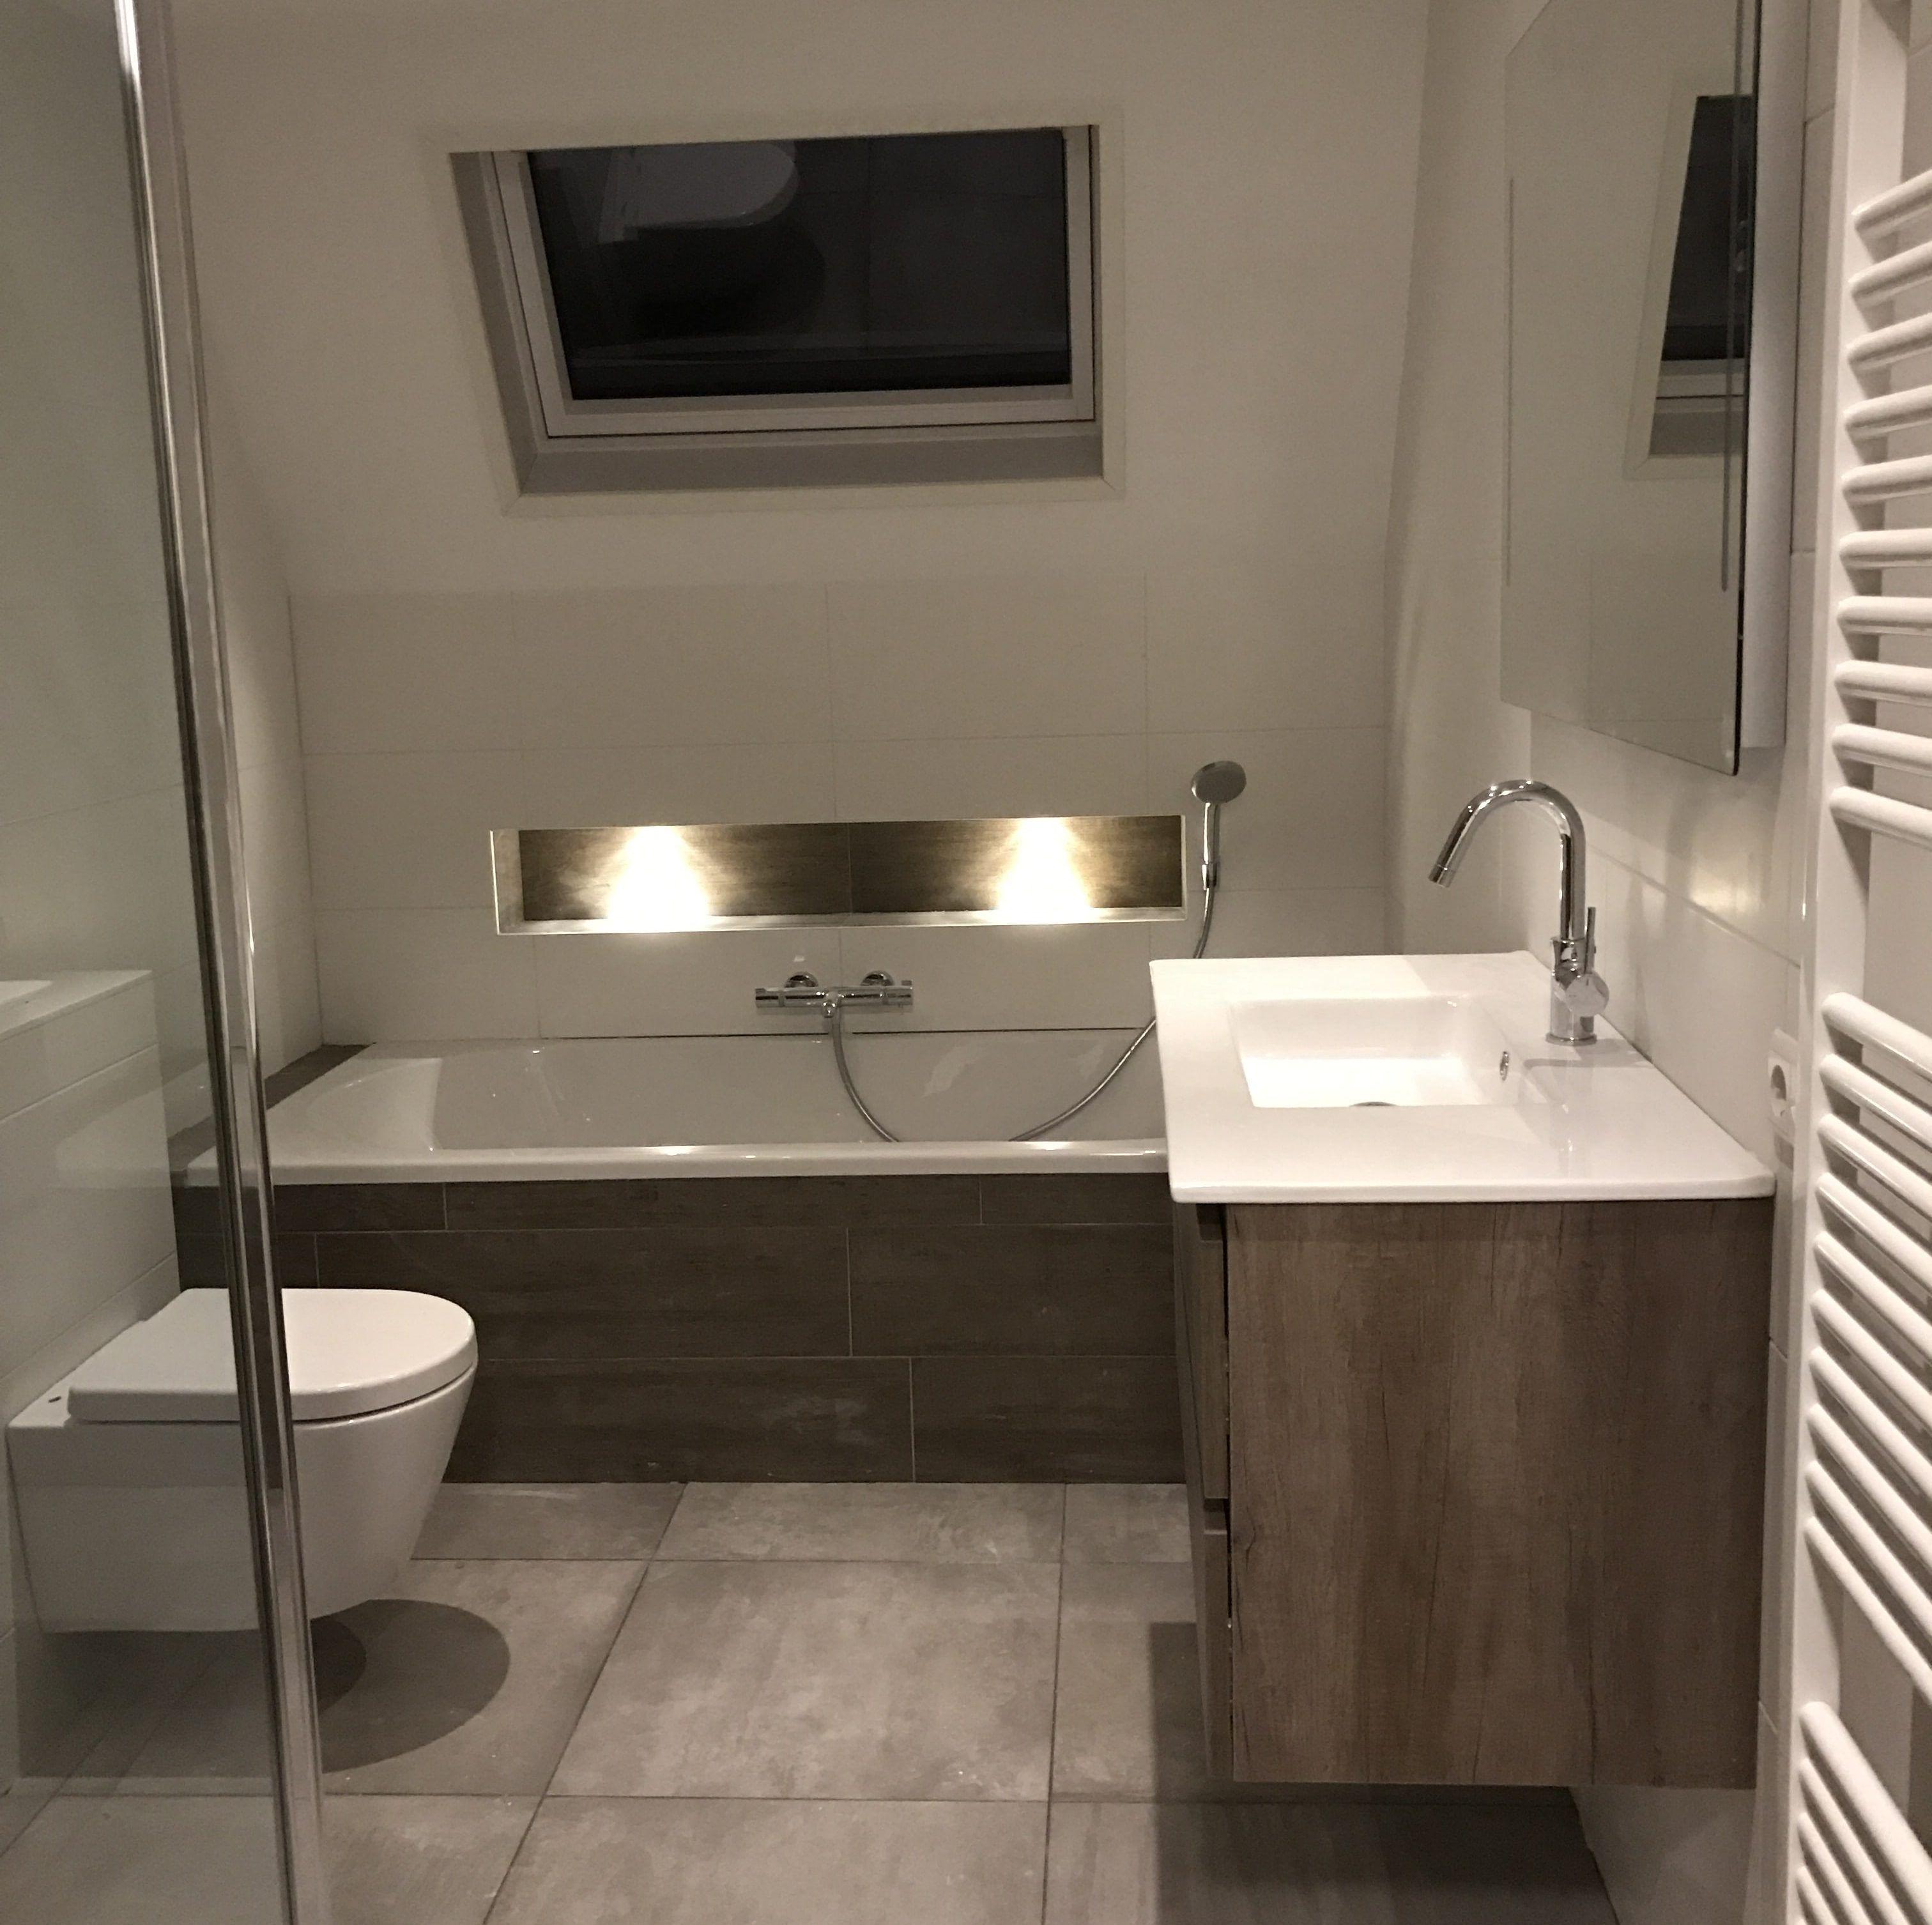 Badkamer inspiratie: een nis boven het bad. Sfeervol en handig om ...